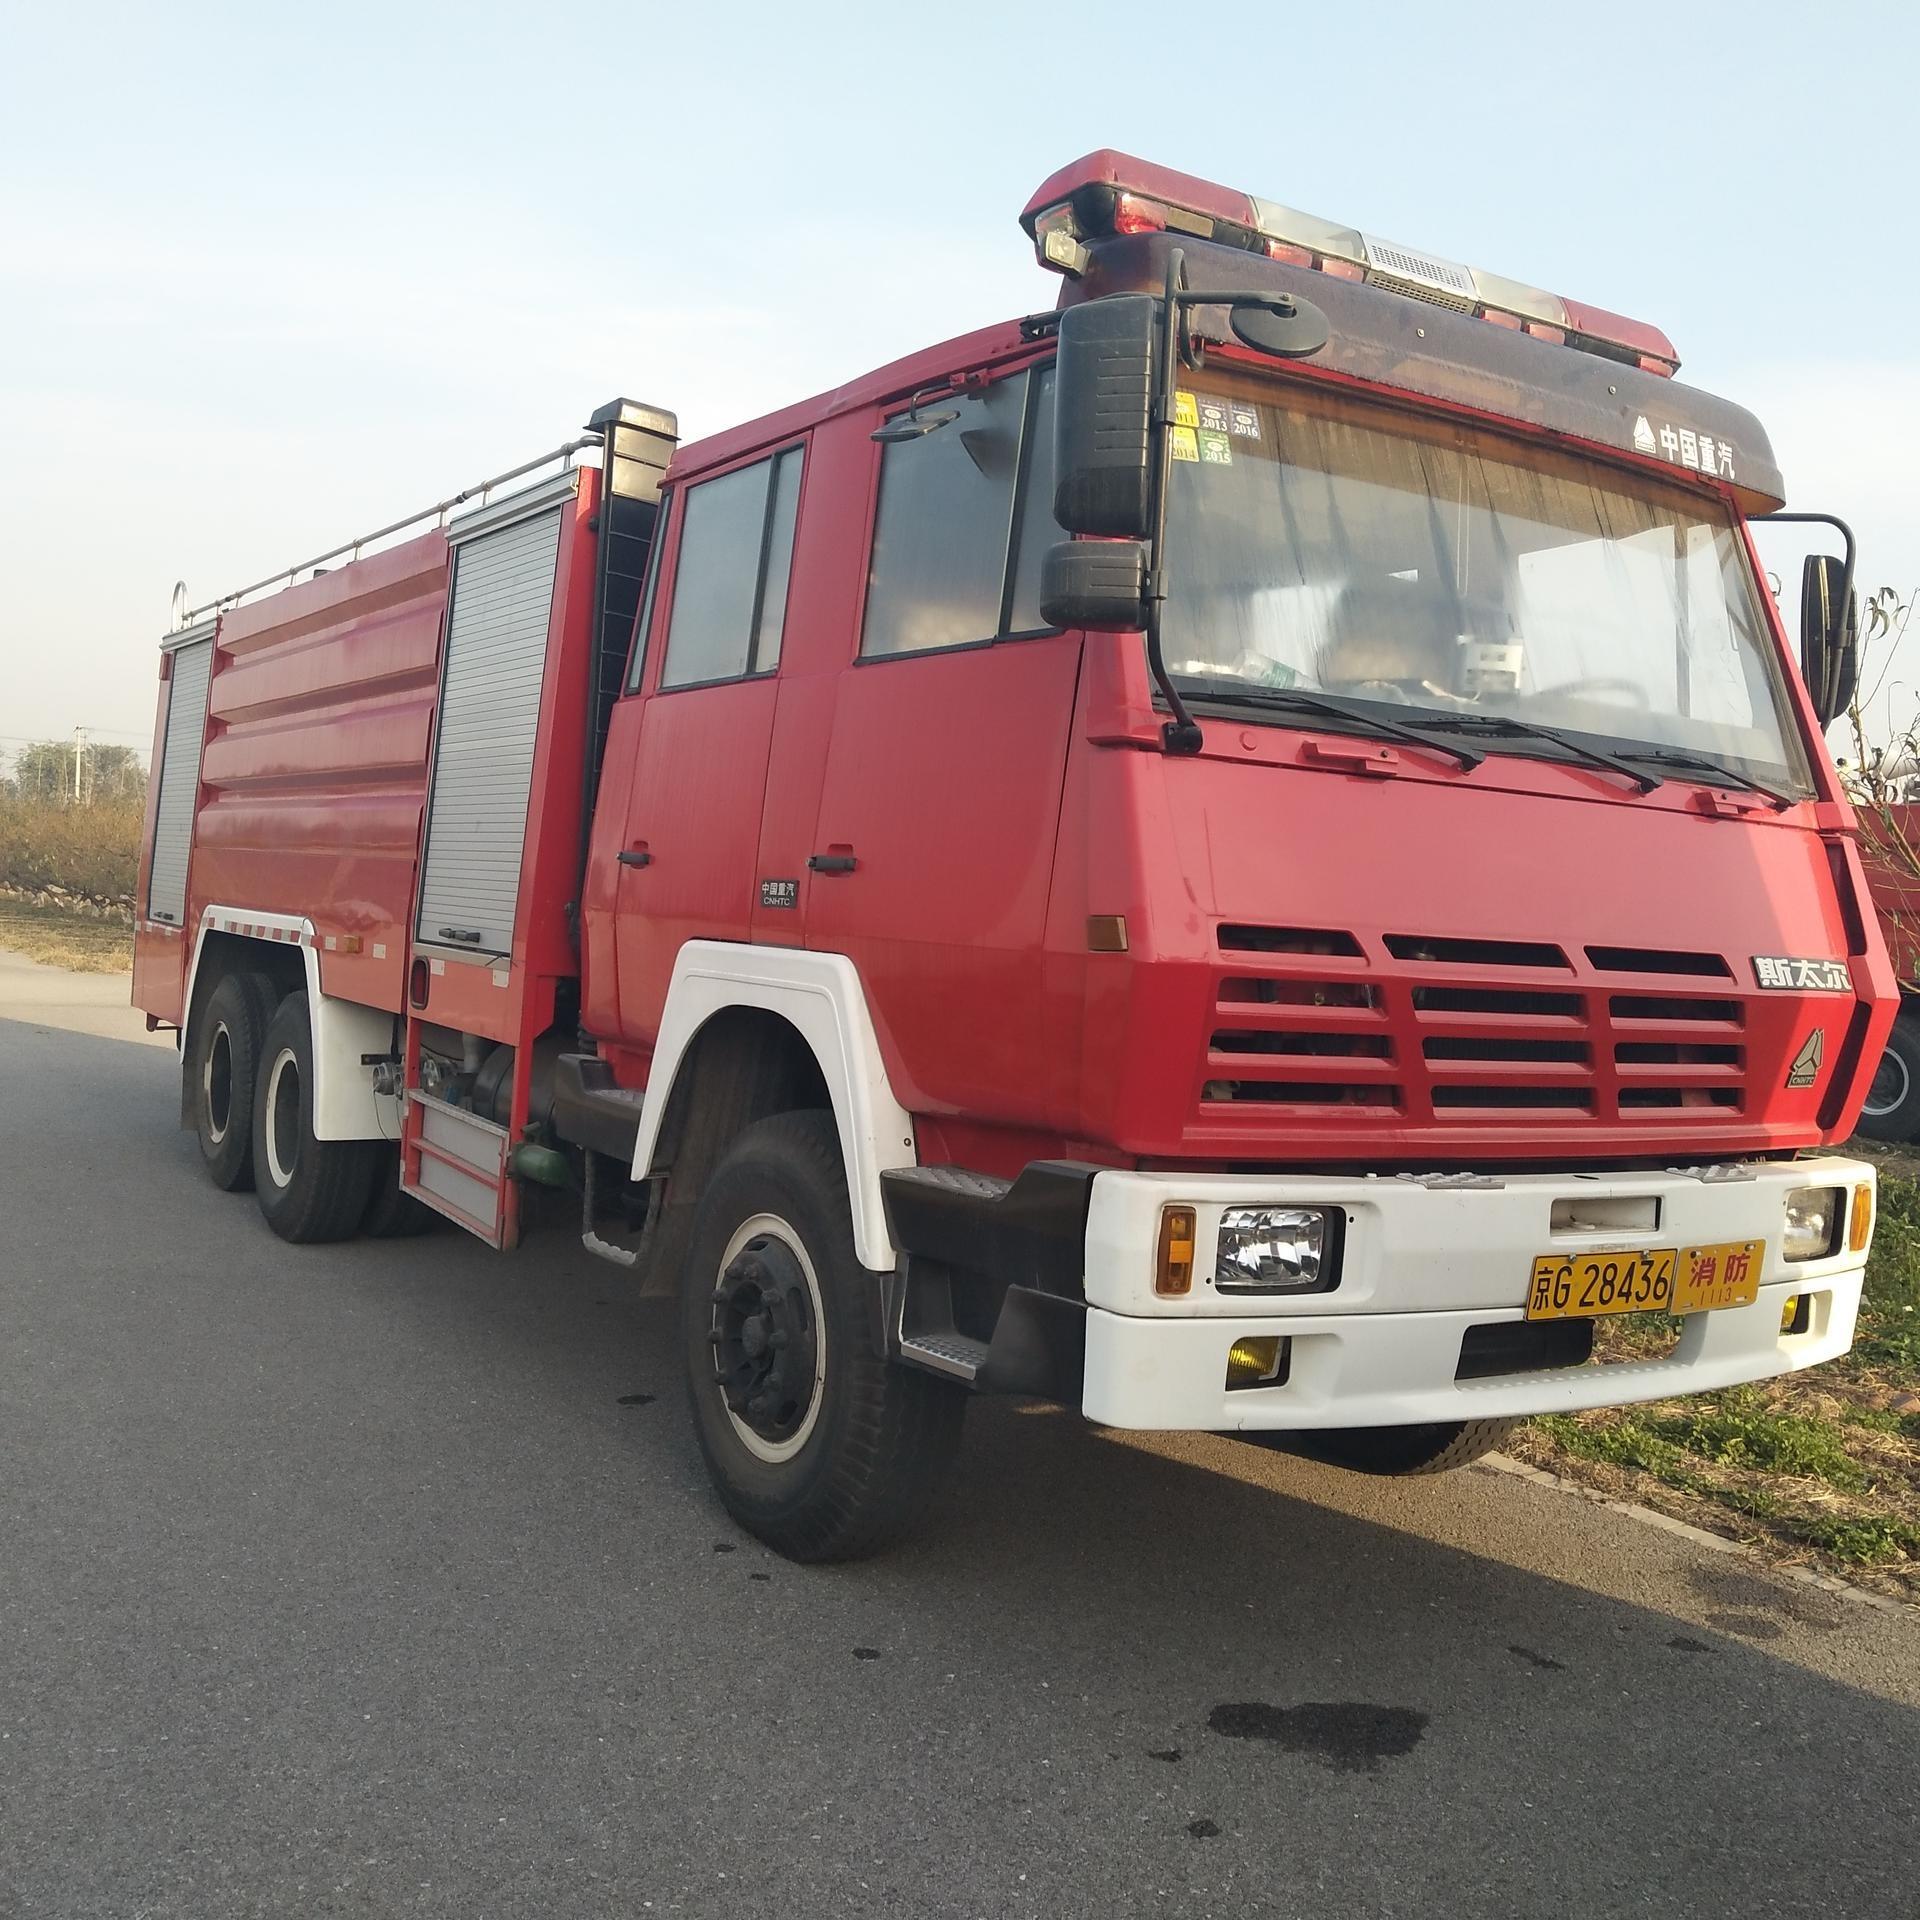 山东现车转让二手消防车 部队正规退役消防车 水罐泡沫二手消防车